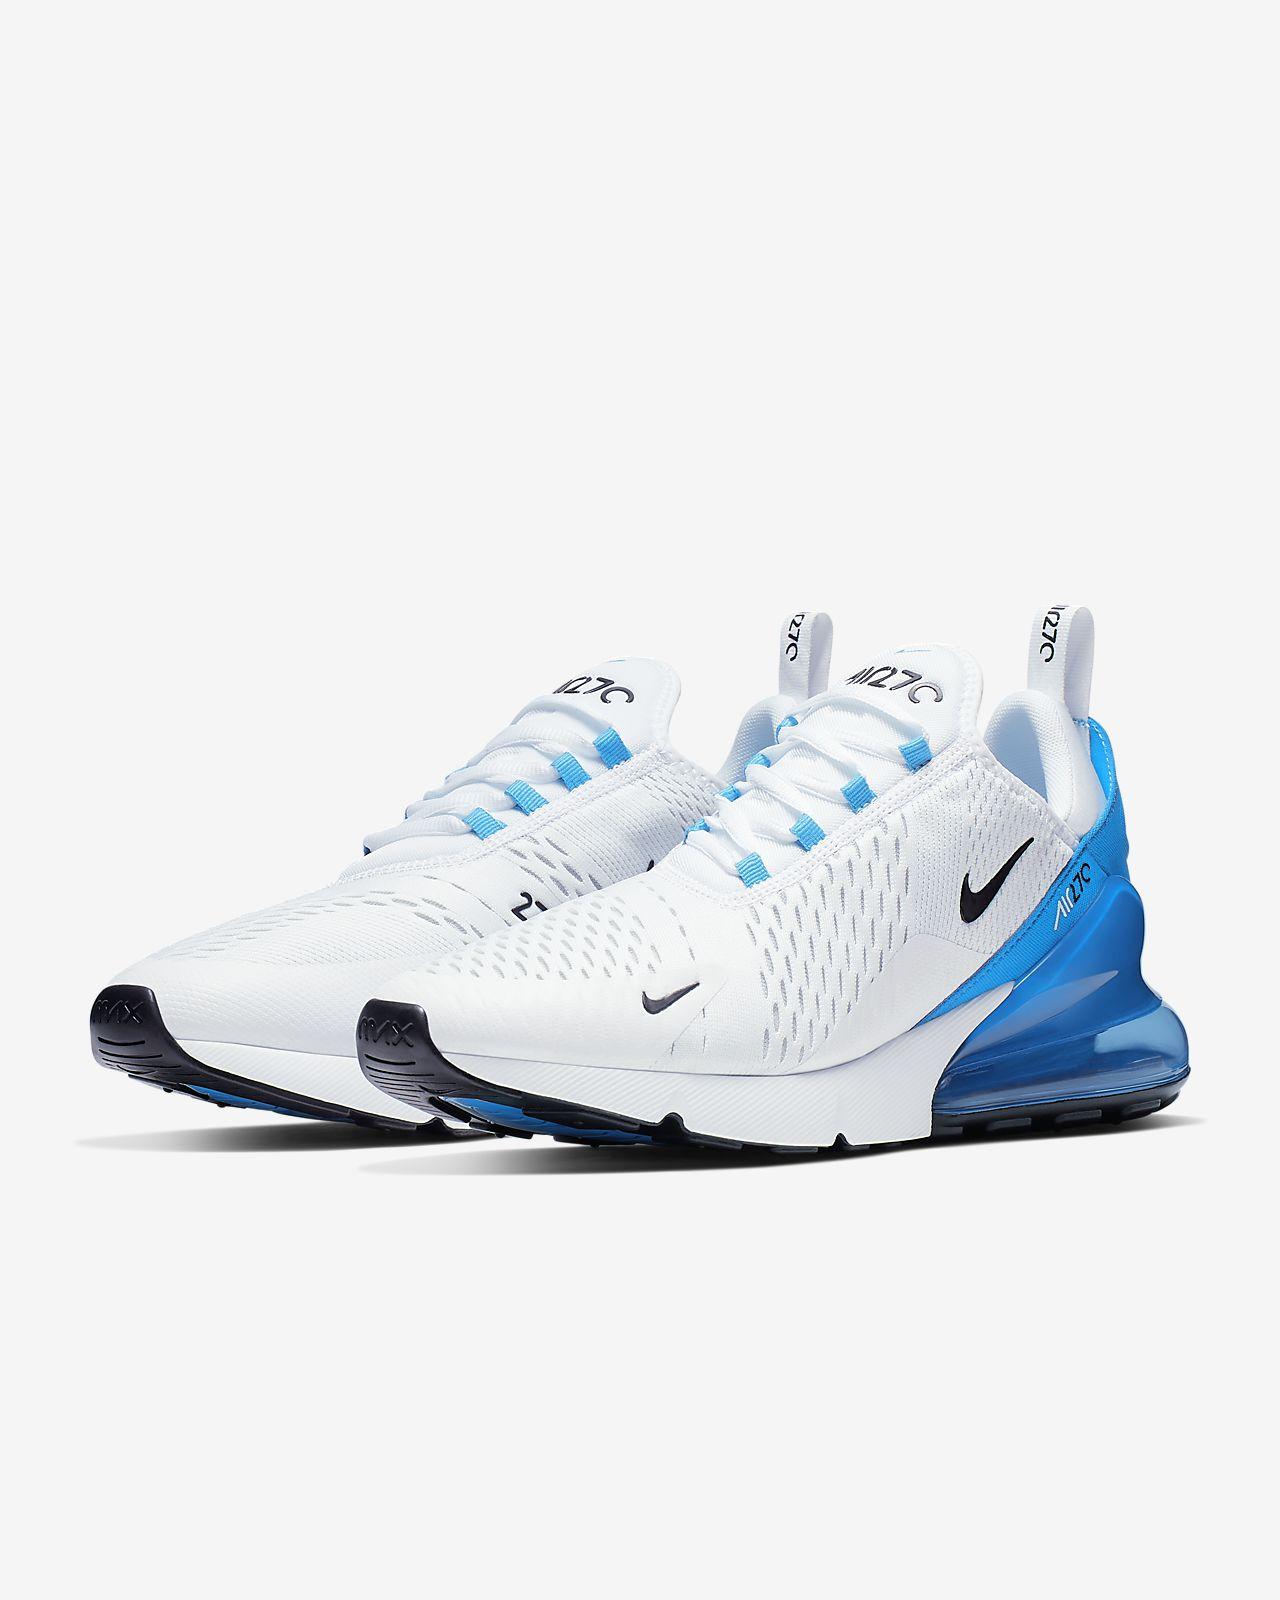 25b3193d7926 Nike Air Max 270 Men s Shoe. Nike.com DK